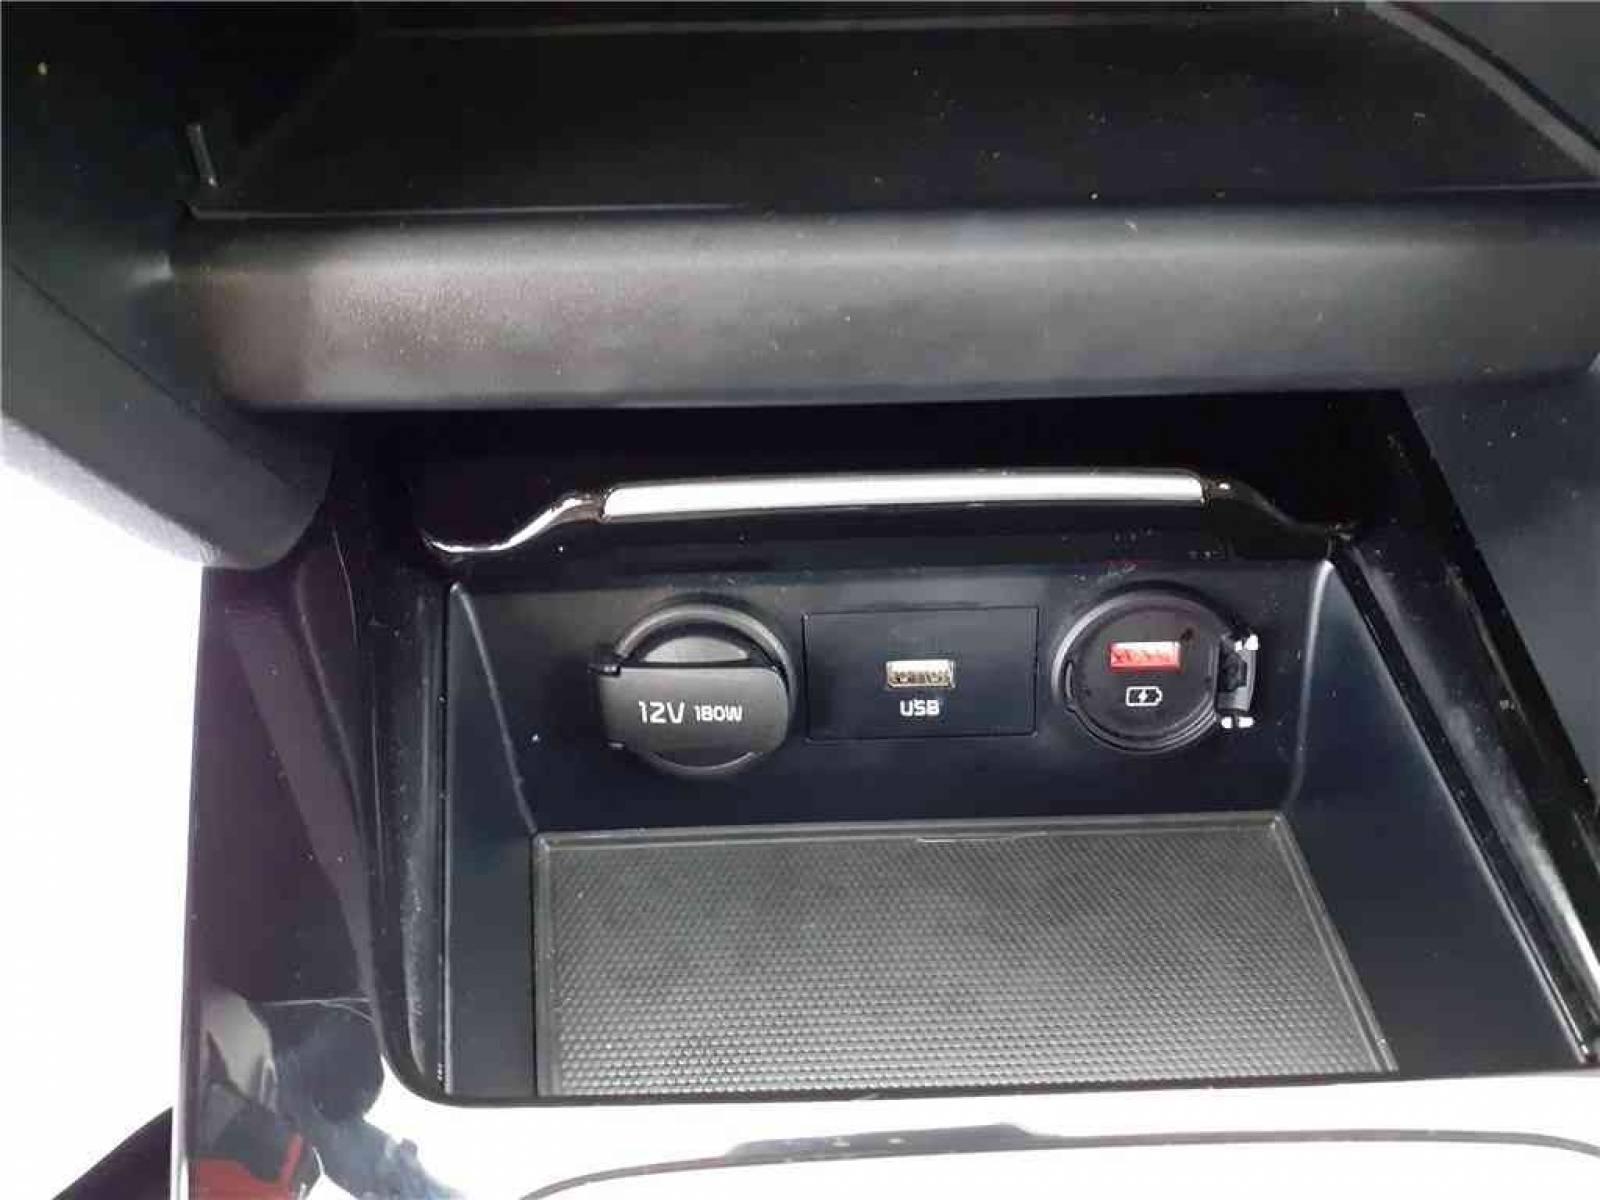 KIA XCeed 1.6l CRDi 115 ch BVM6 ISG - véhicule d'occasion - Groupe Guillet - Hall de l'automobile - Chalon sur Saône - 71380 - Saint-Marcel - 25